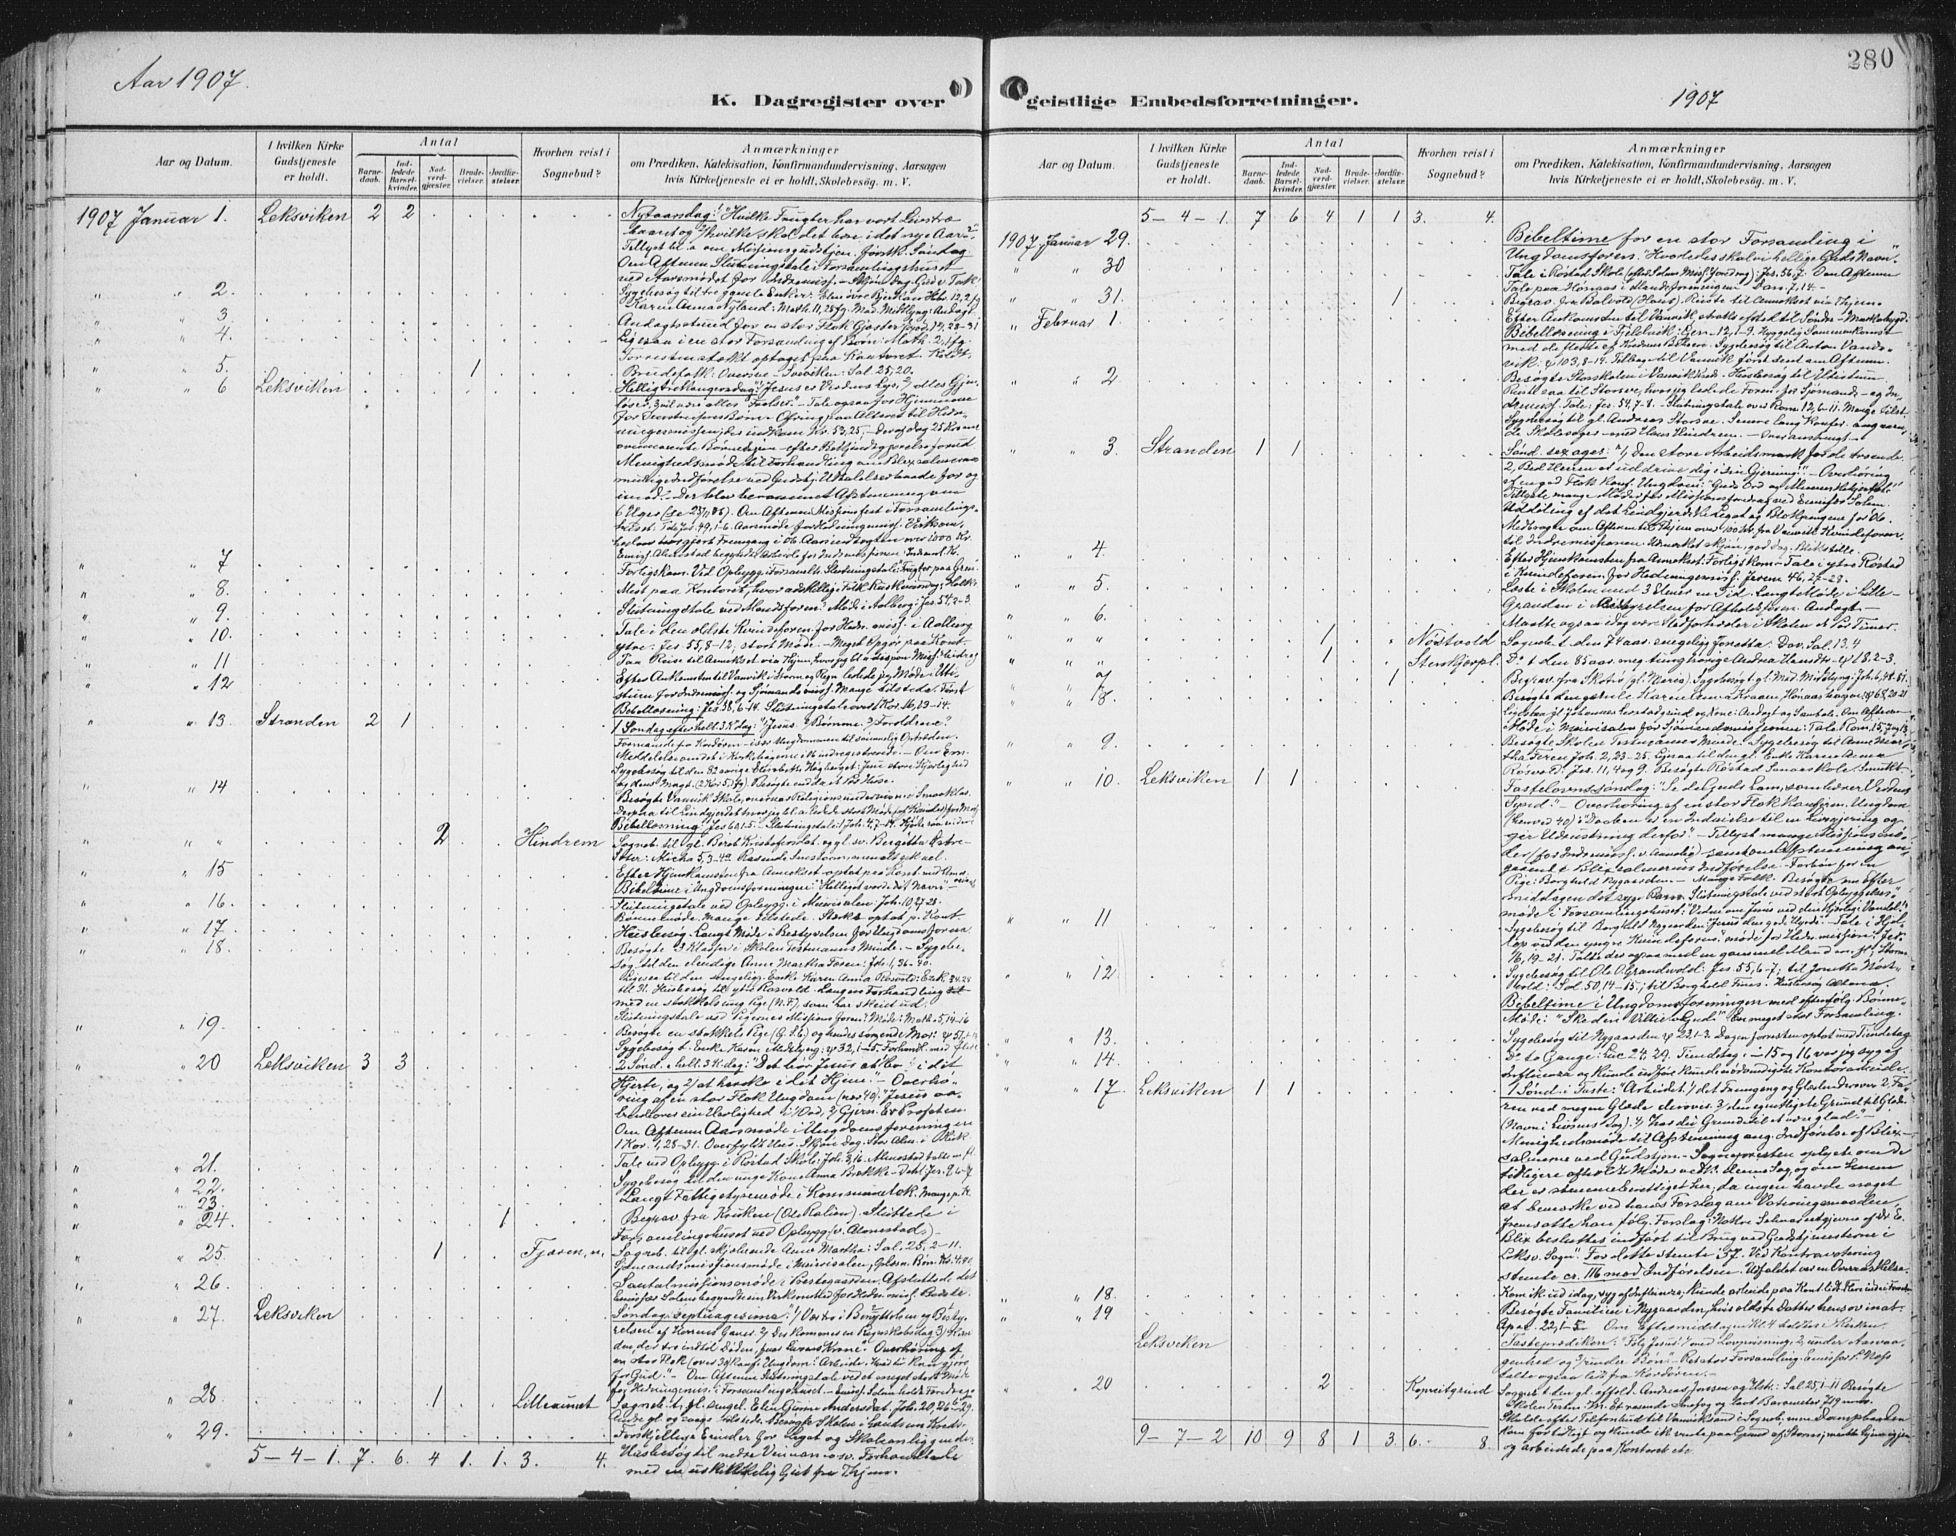 SAT, Ministerialprotokoller, klokkerbøker og fødselsregistre - Nord-Trøndelag, 701/L0011: Ministerialbok nr. 701A11, 1899-1915, s. 280